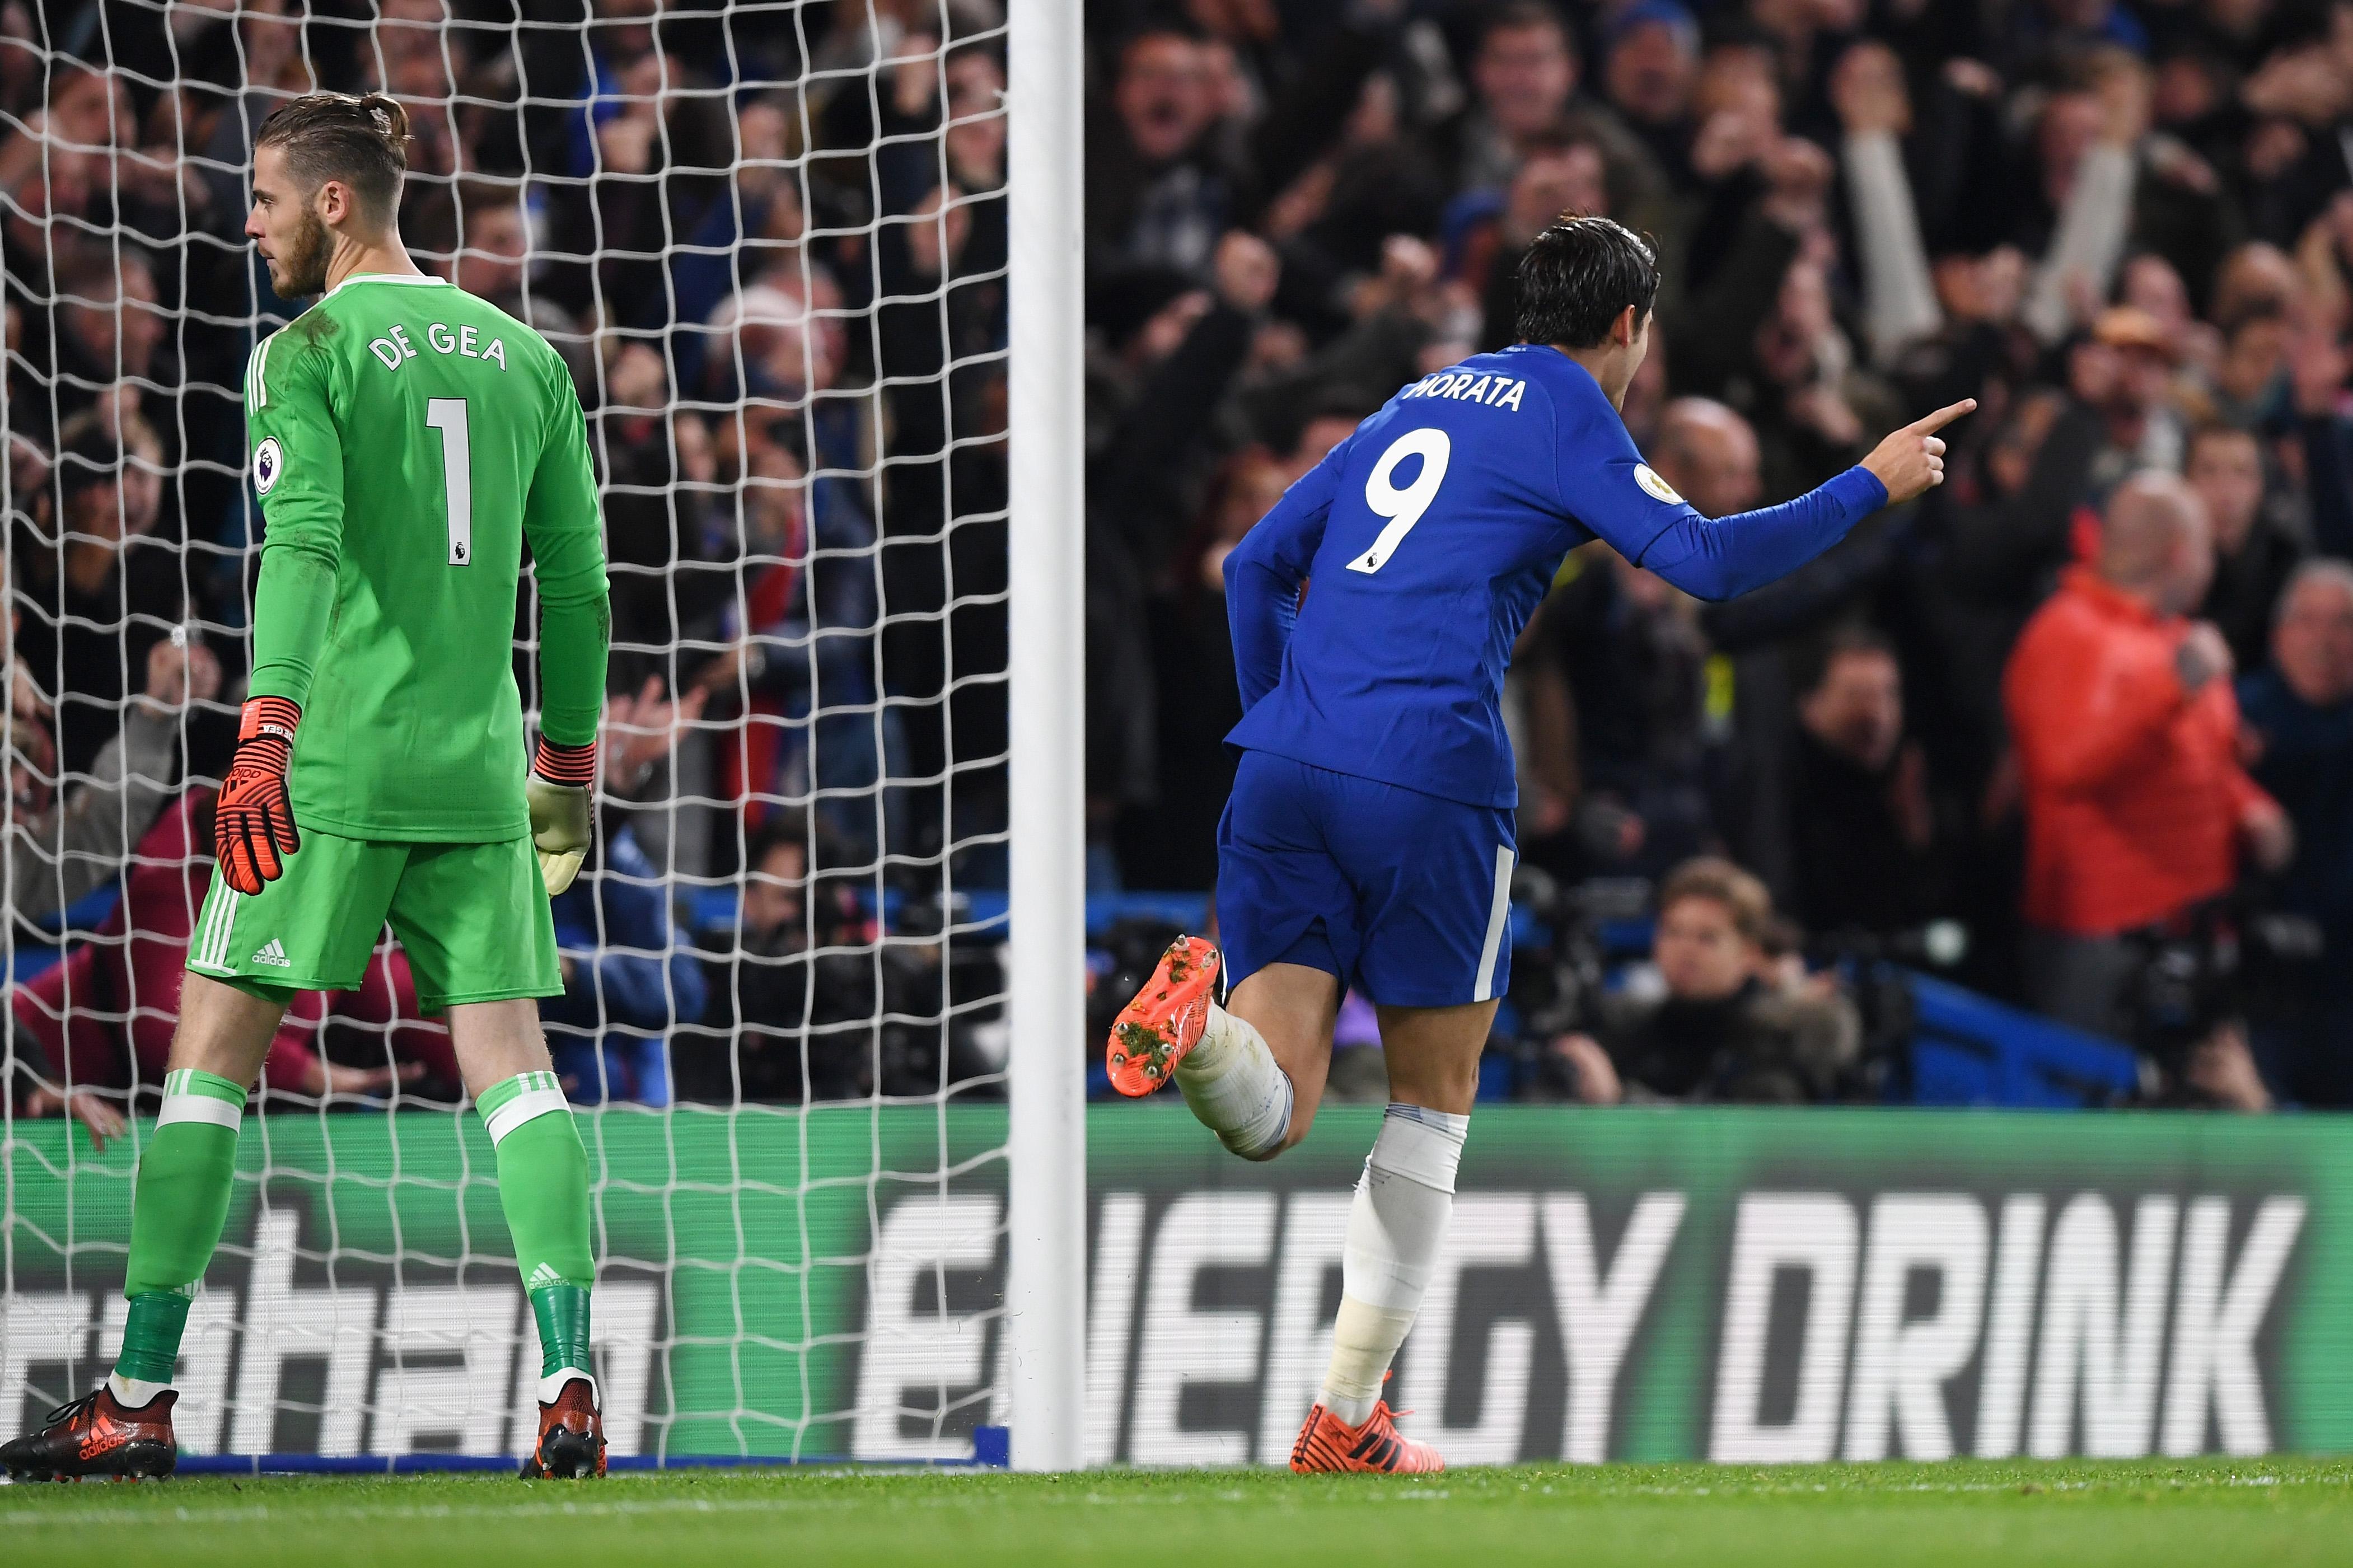 Chelsea Vs Manchester United Vs Fc Barcelona: Chelsea Player Ratings As Manchester United Lose Their Bus